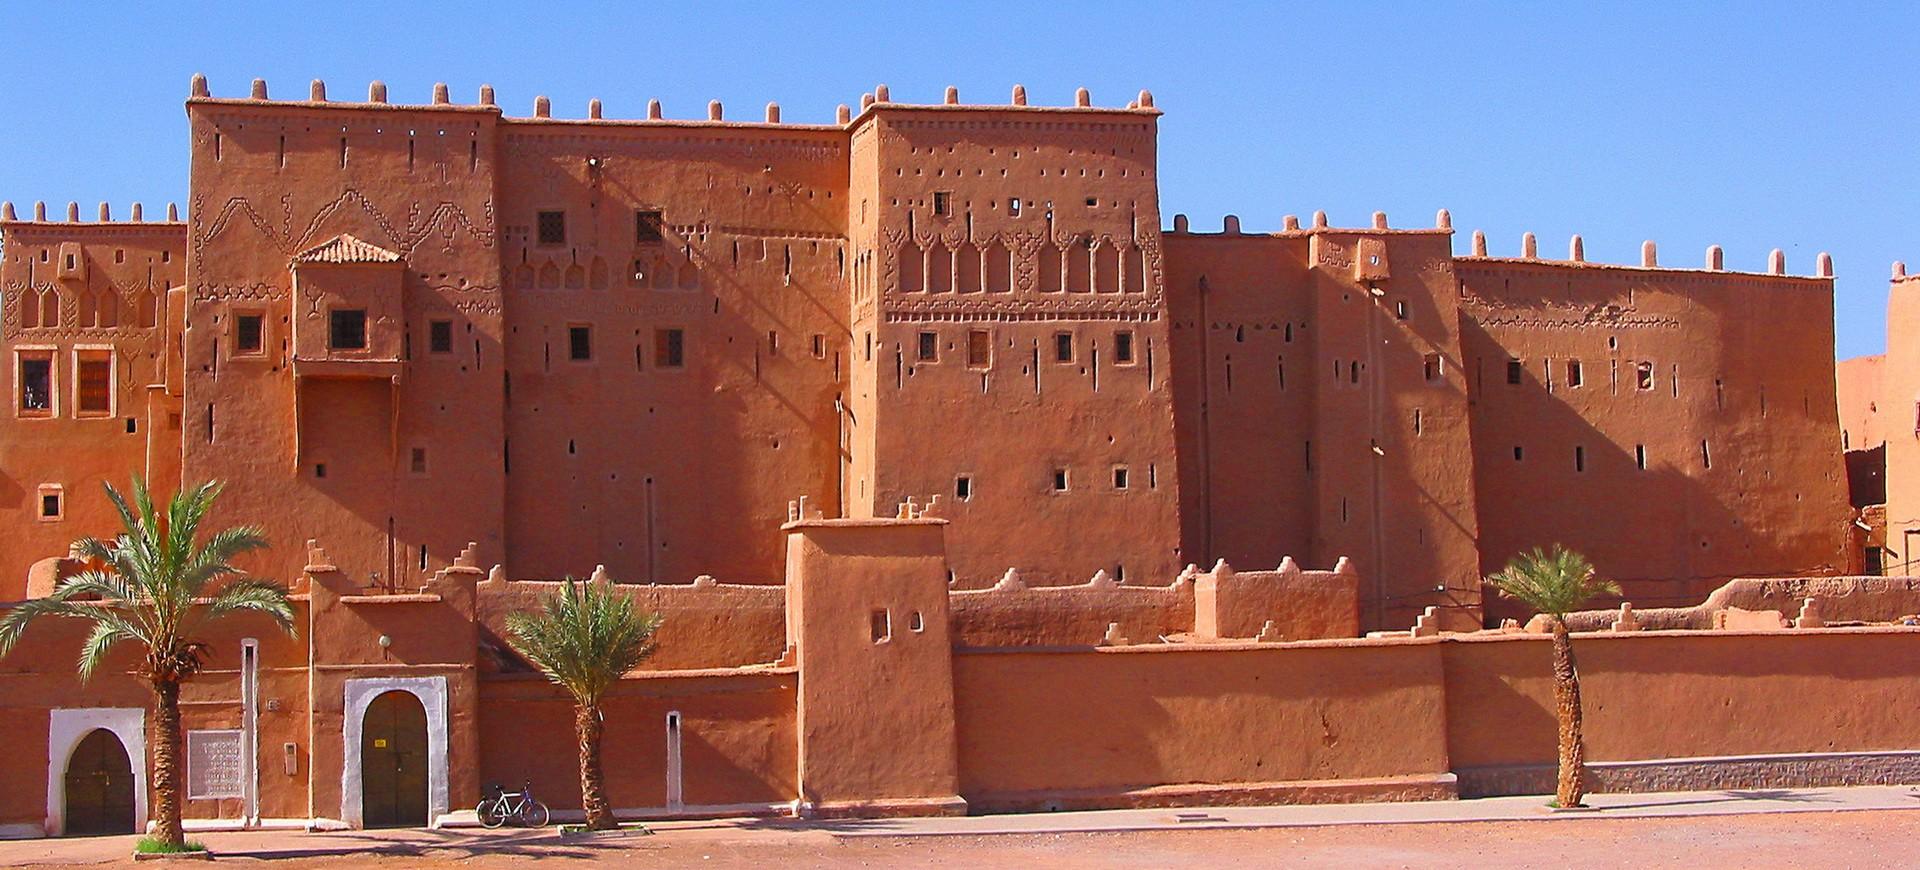 Une maison traditionnelle à Taourirt au Maroc